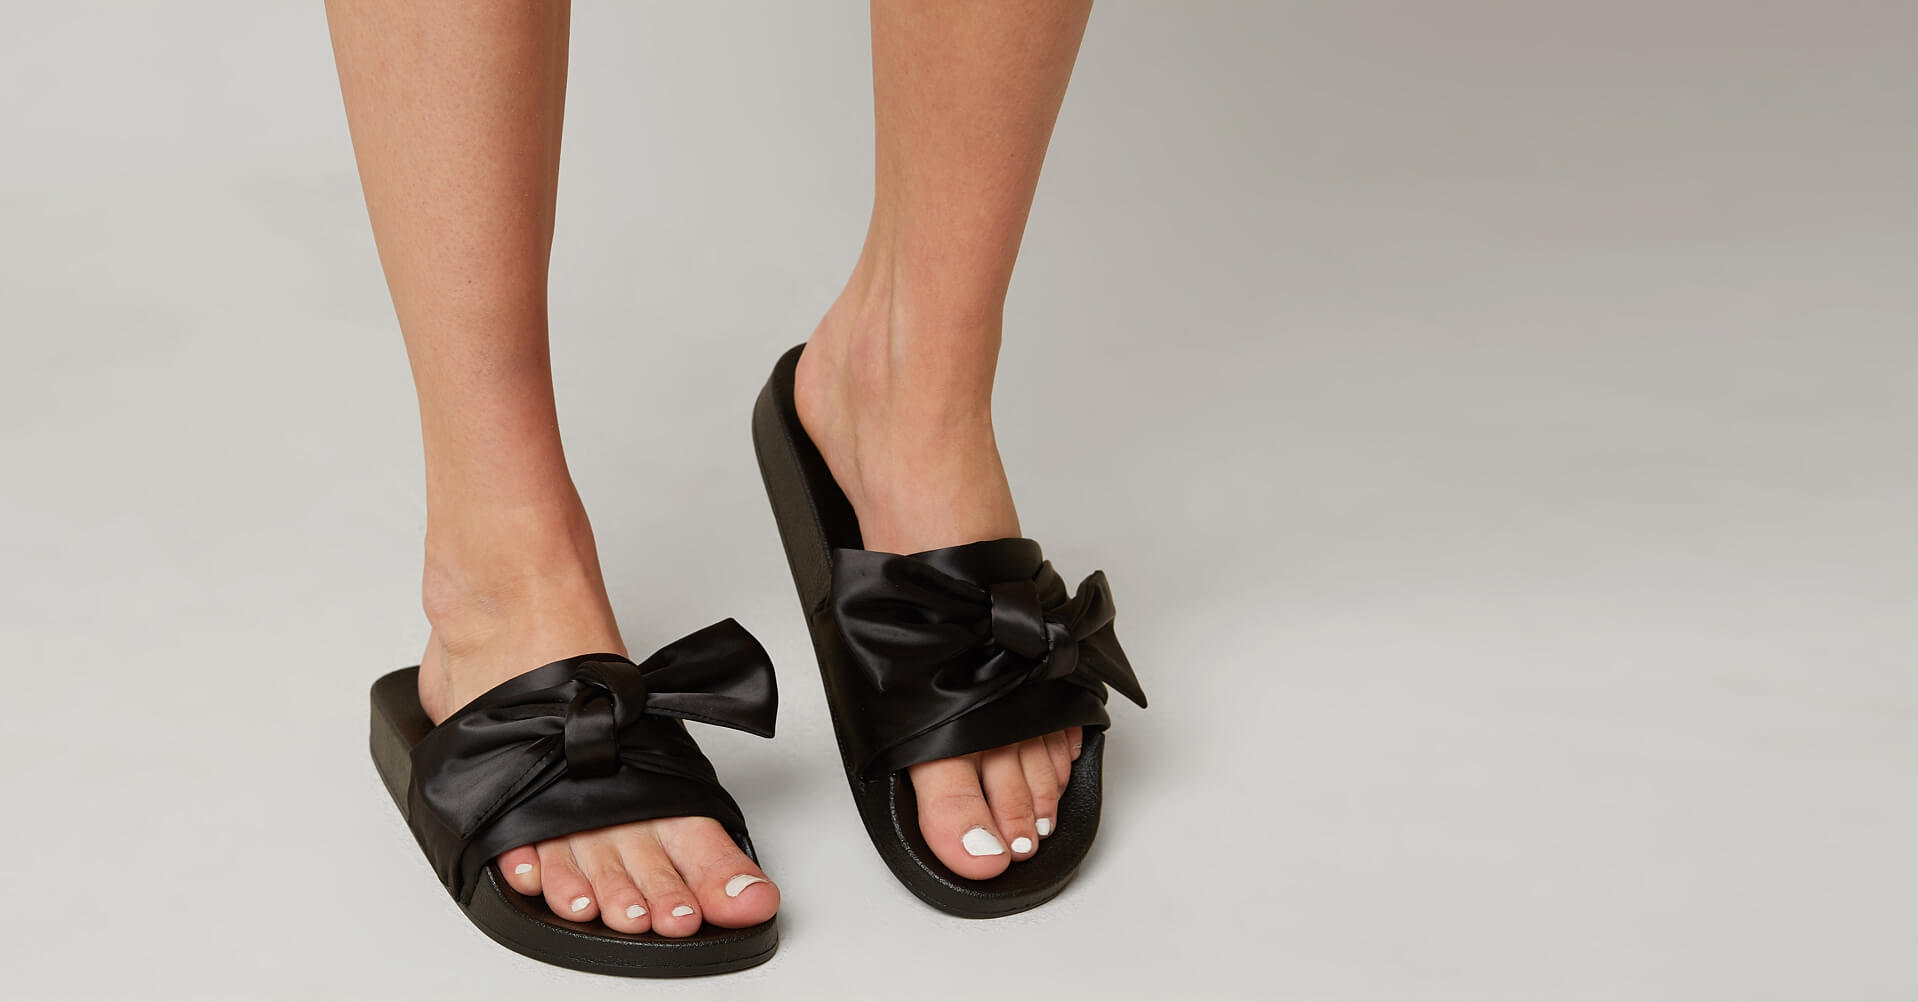 ff6170f0623 Silky Sandal